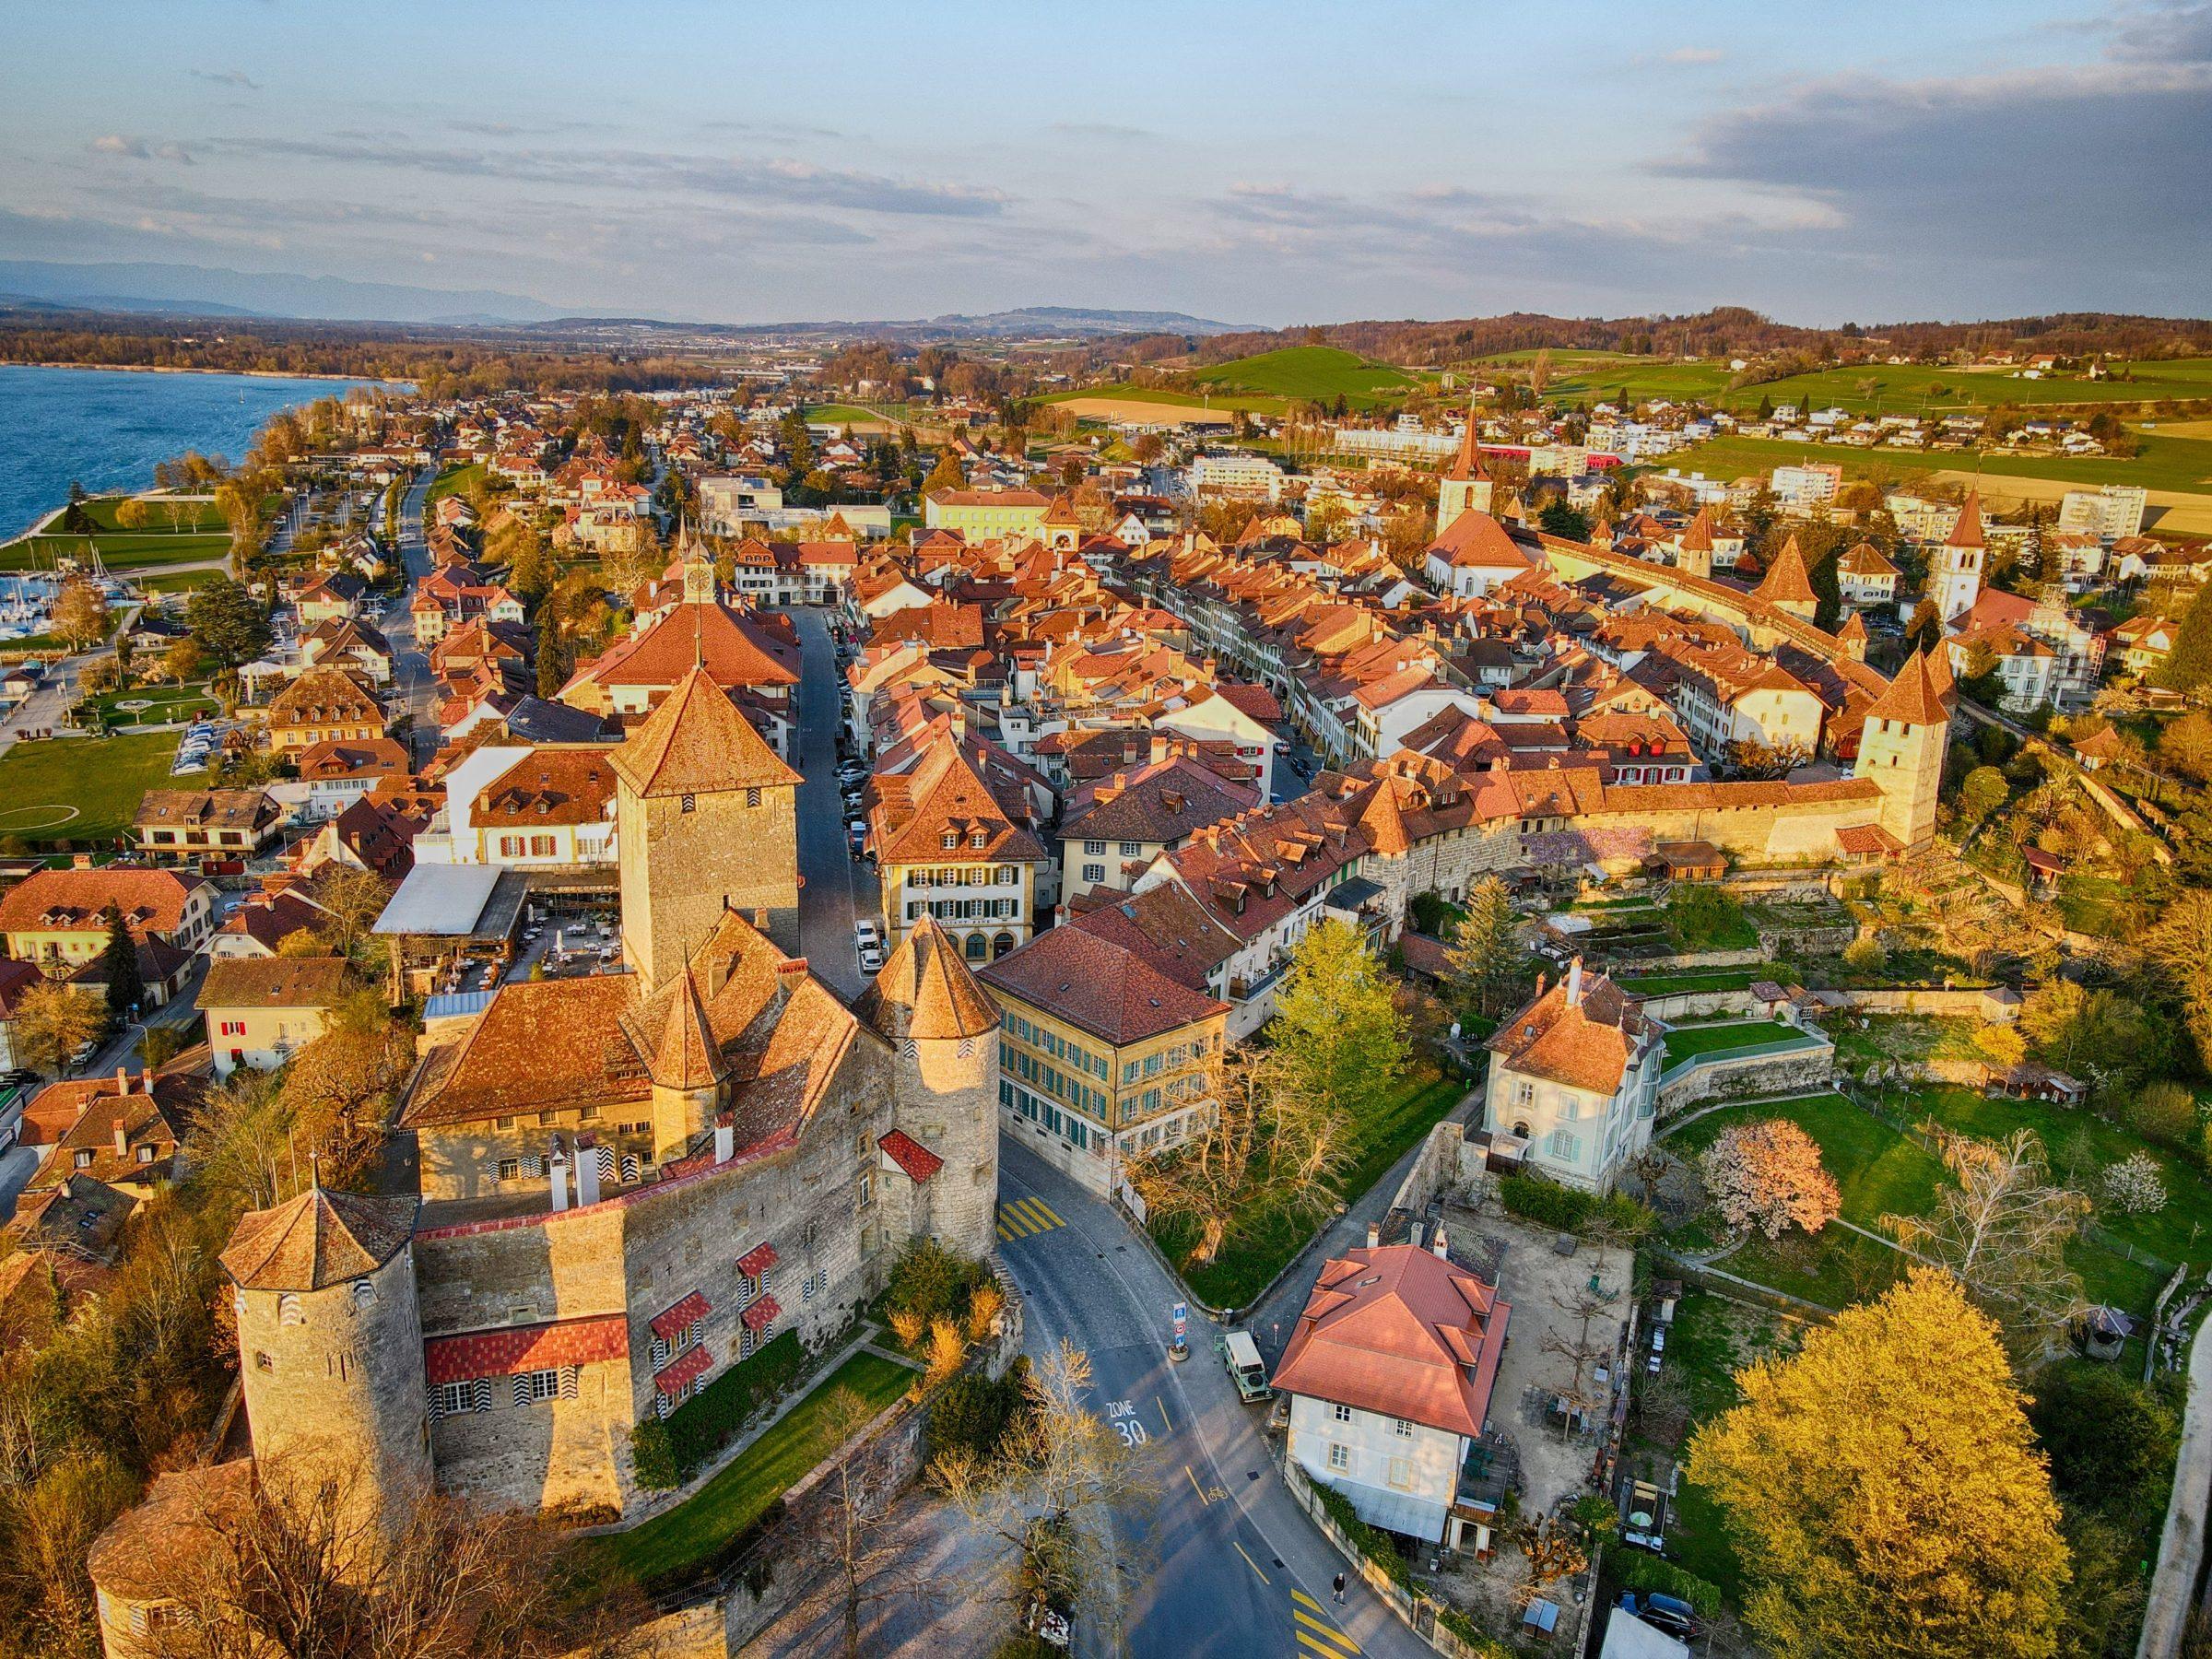 Het oude kasteel en de stadsmuur van Murten